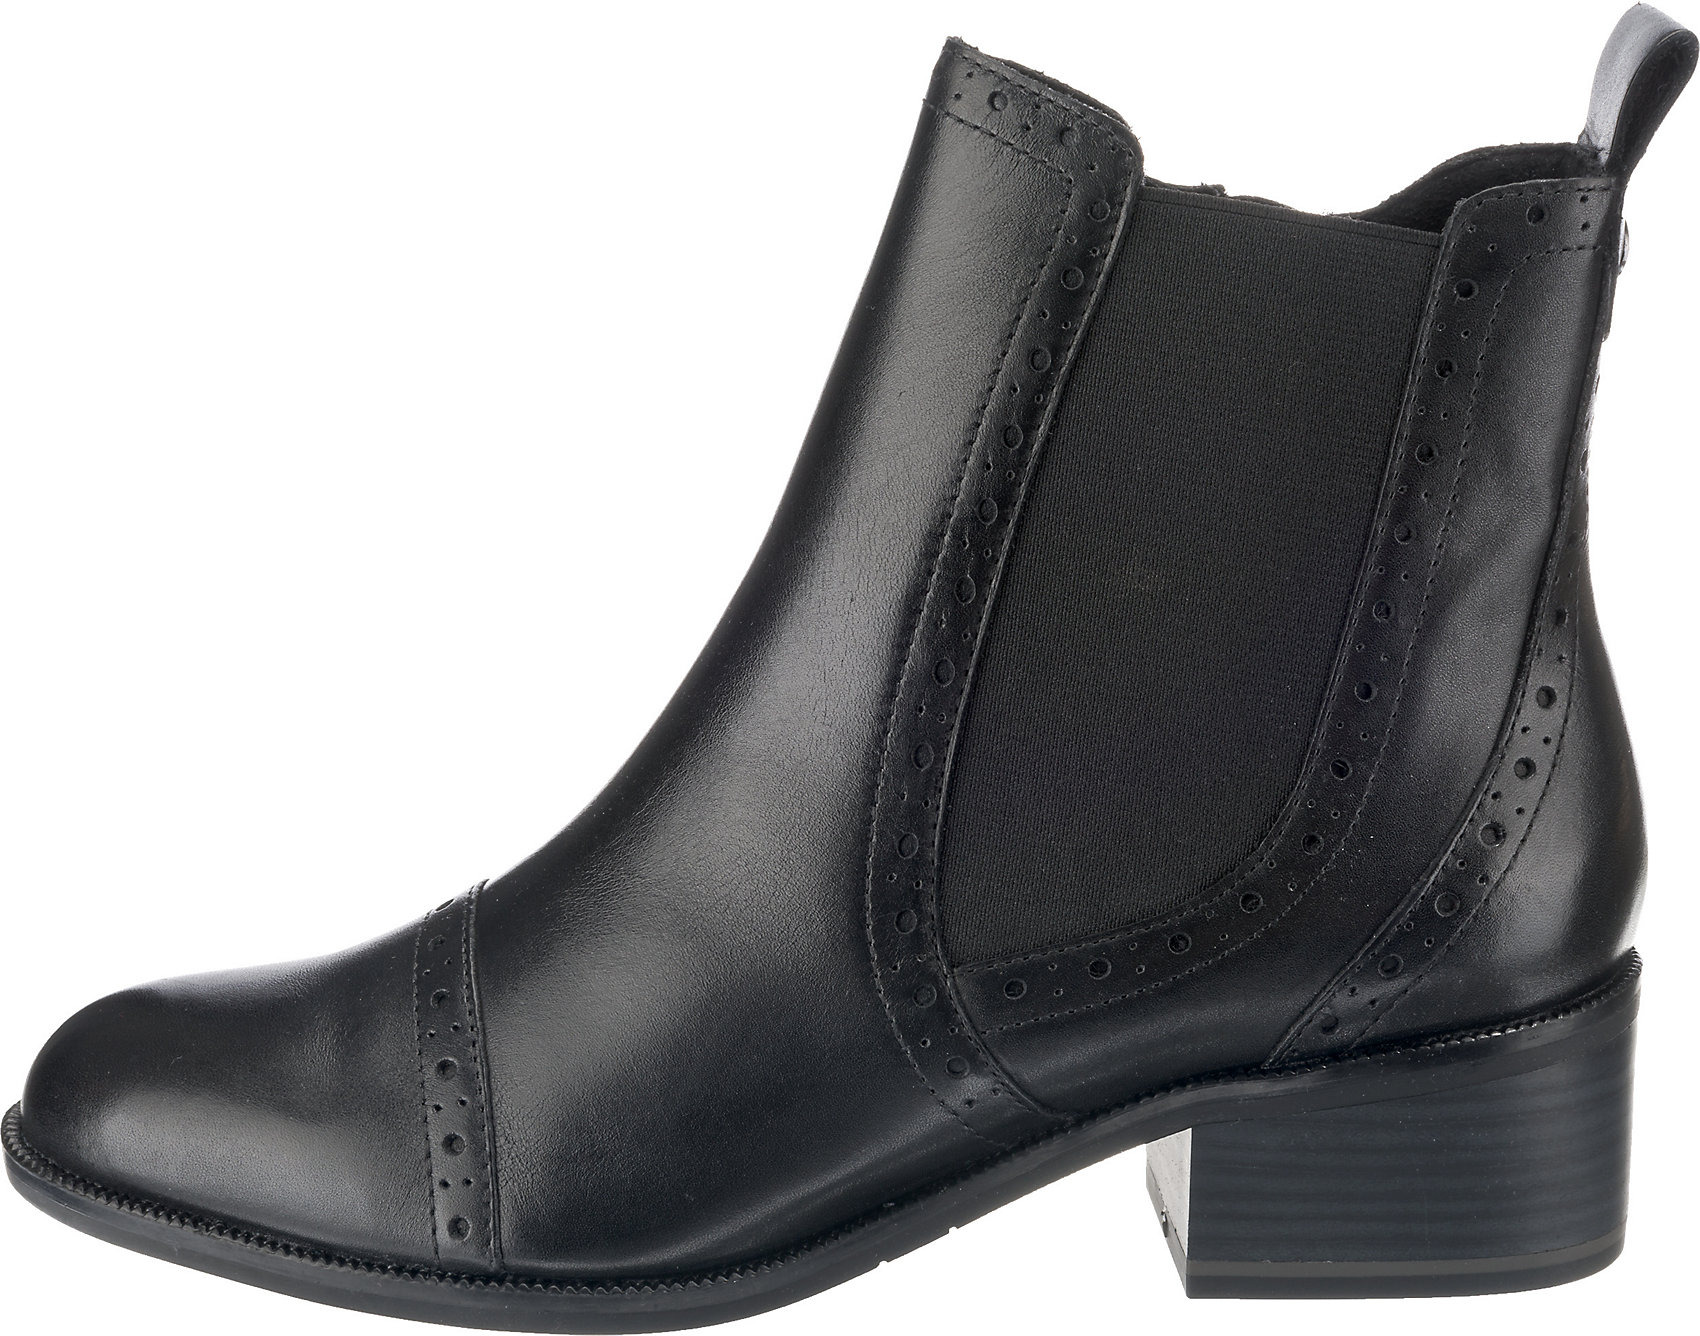 Neu Neu Neu Tamaris Chelsea Stiefel 8453632 für Damen schwarz 240625